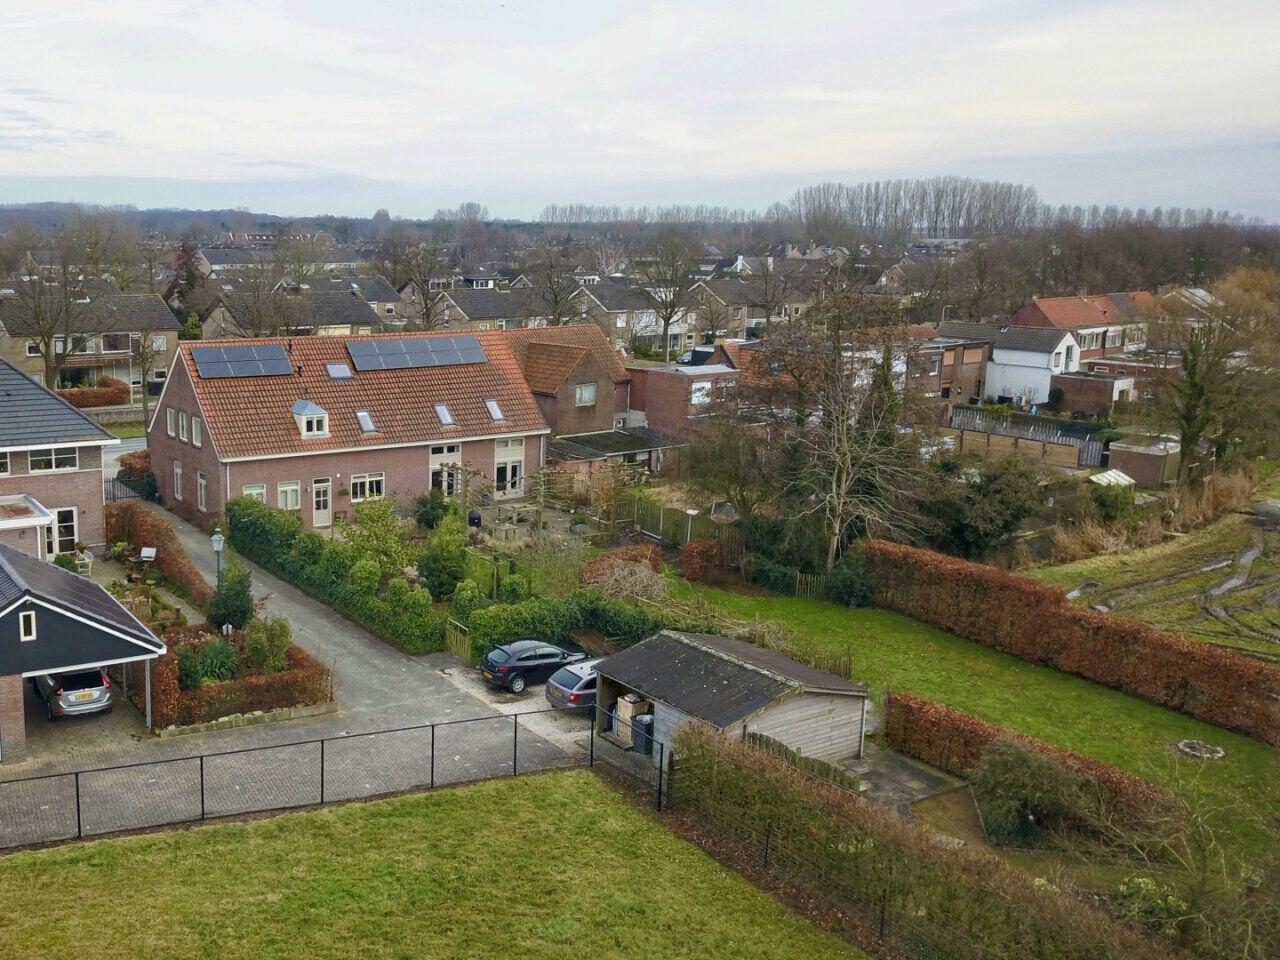 37274-franseweg_57-steenbergen-3632361254